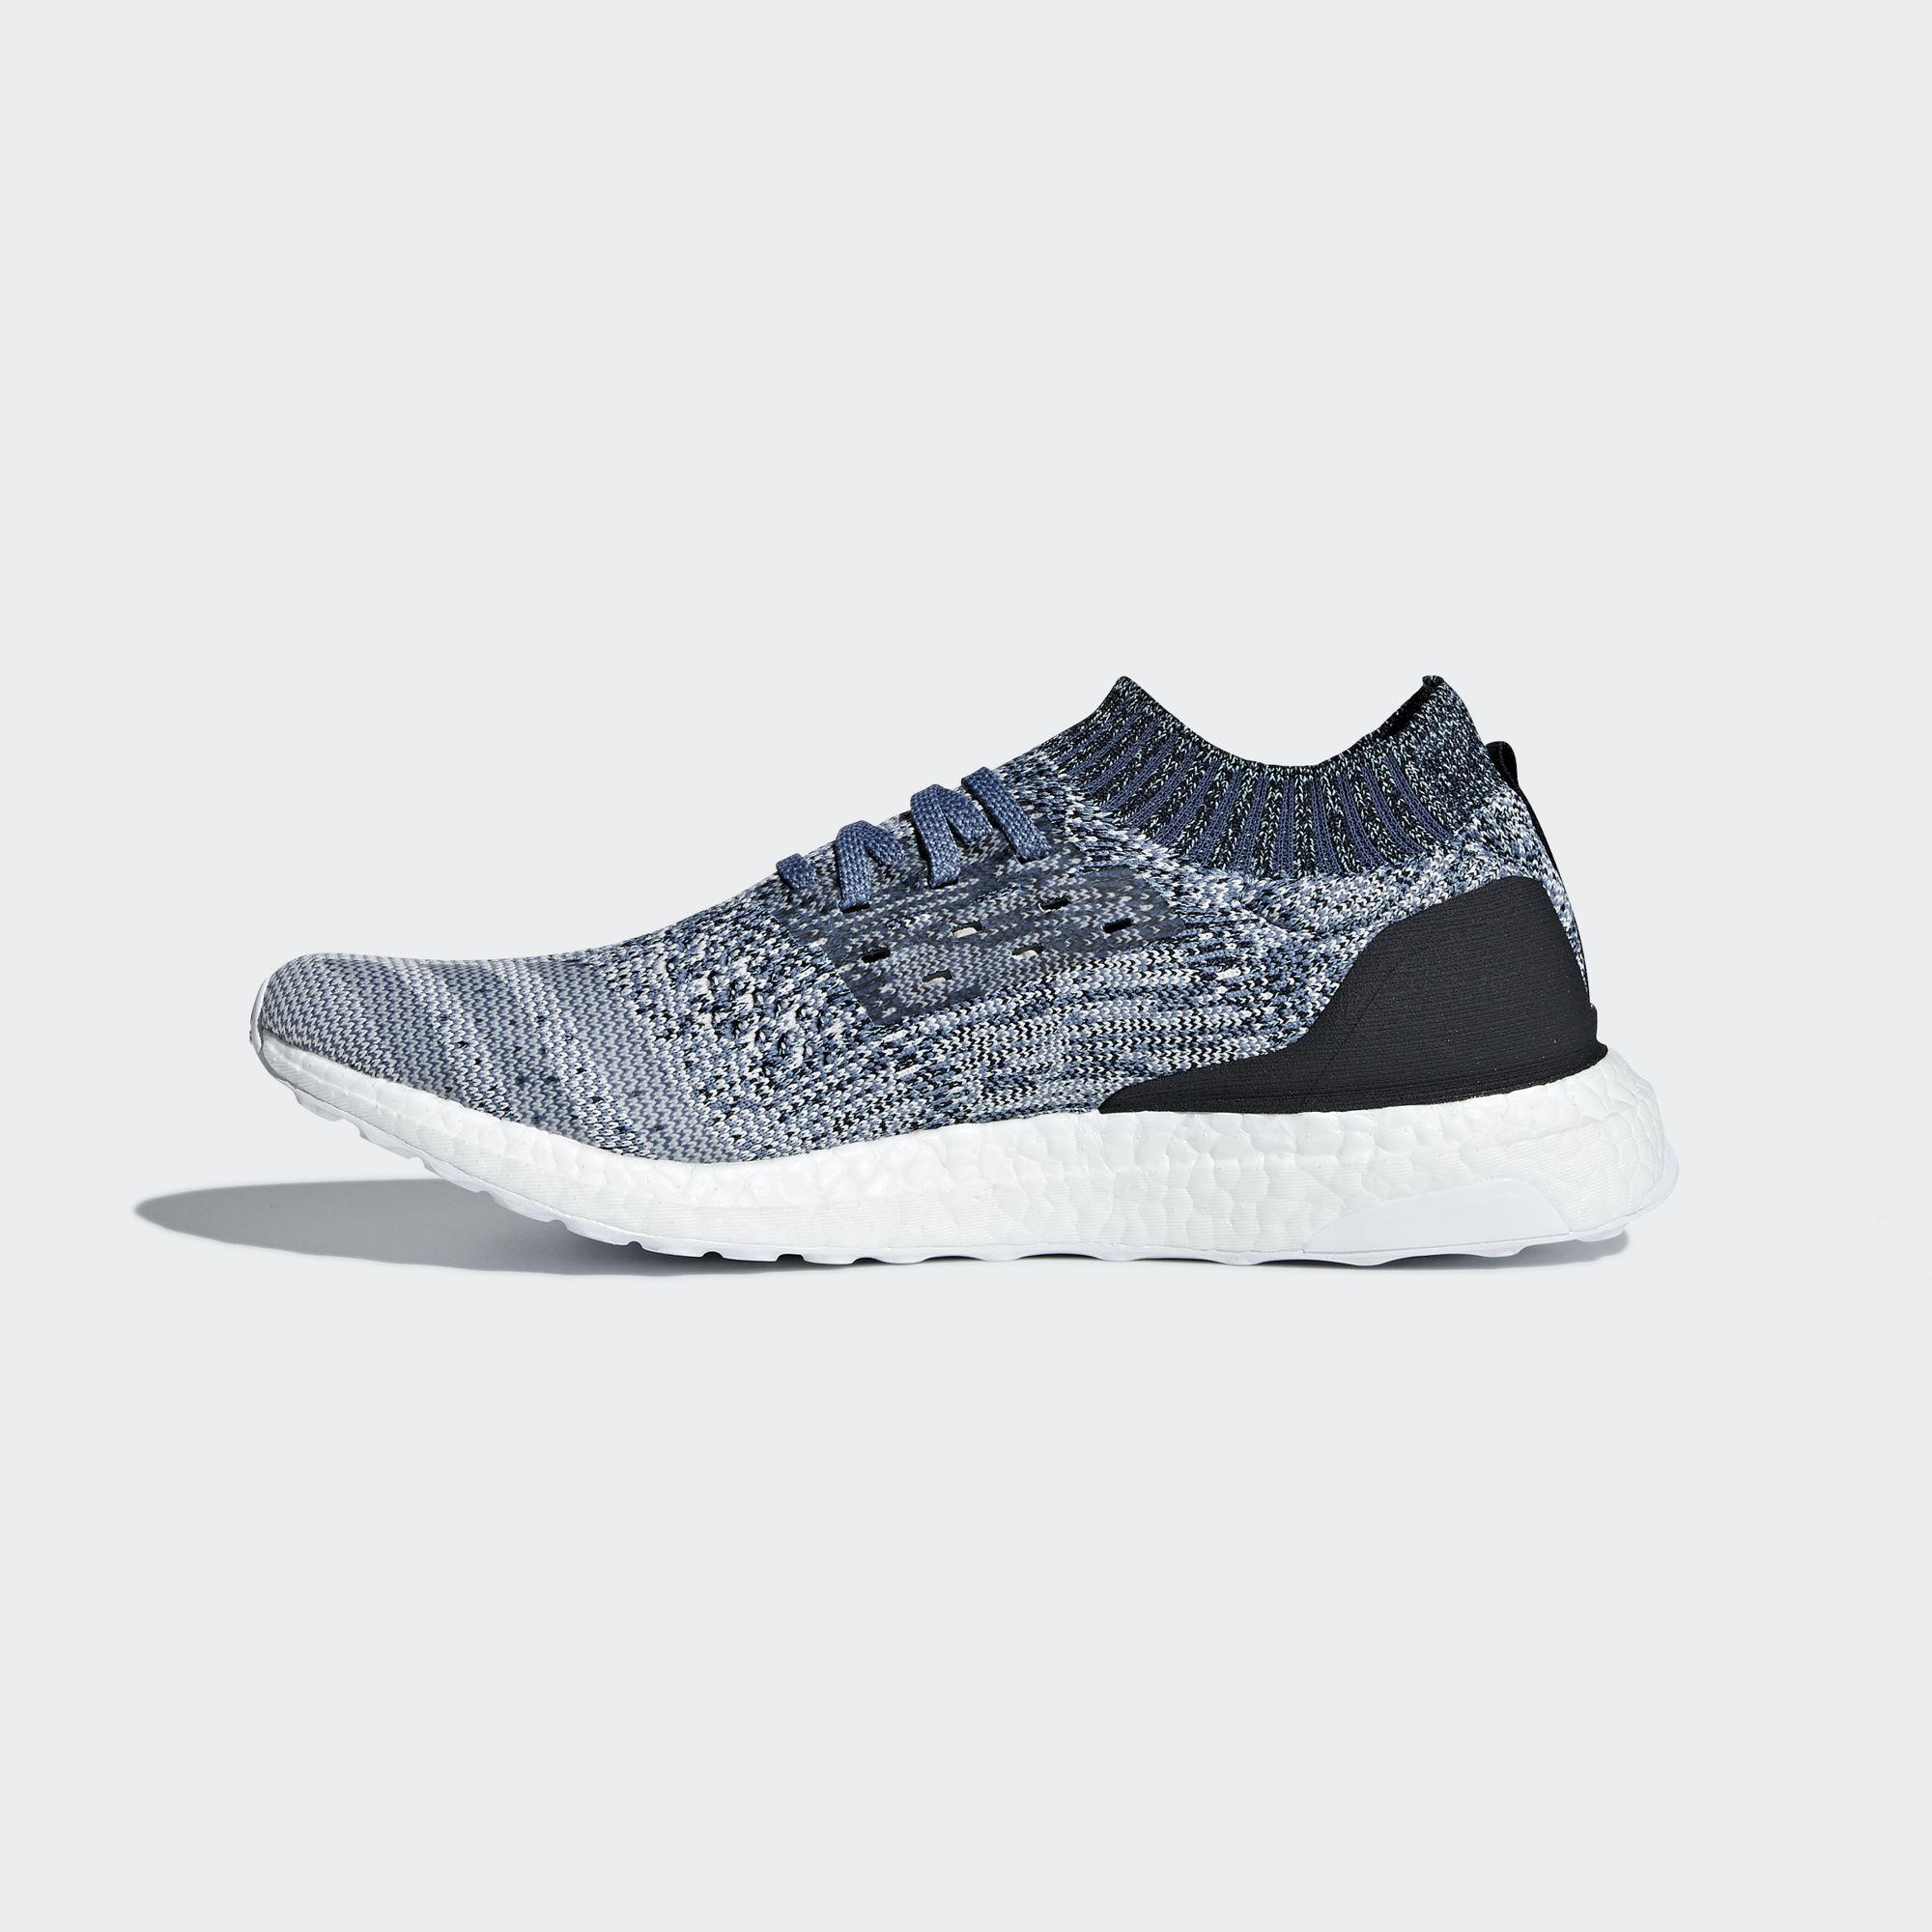 Adidas Ultra Boost Uncaged Raw Grey / Chalk Pearl / Blue Spirit (AC7590)